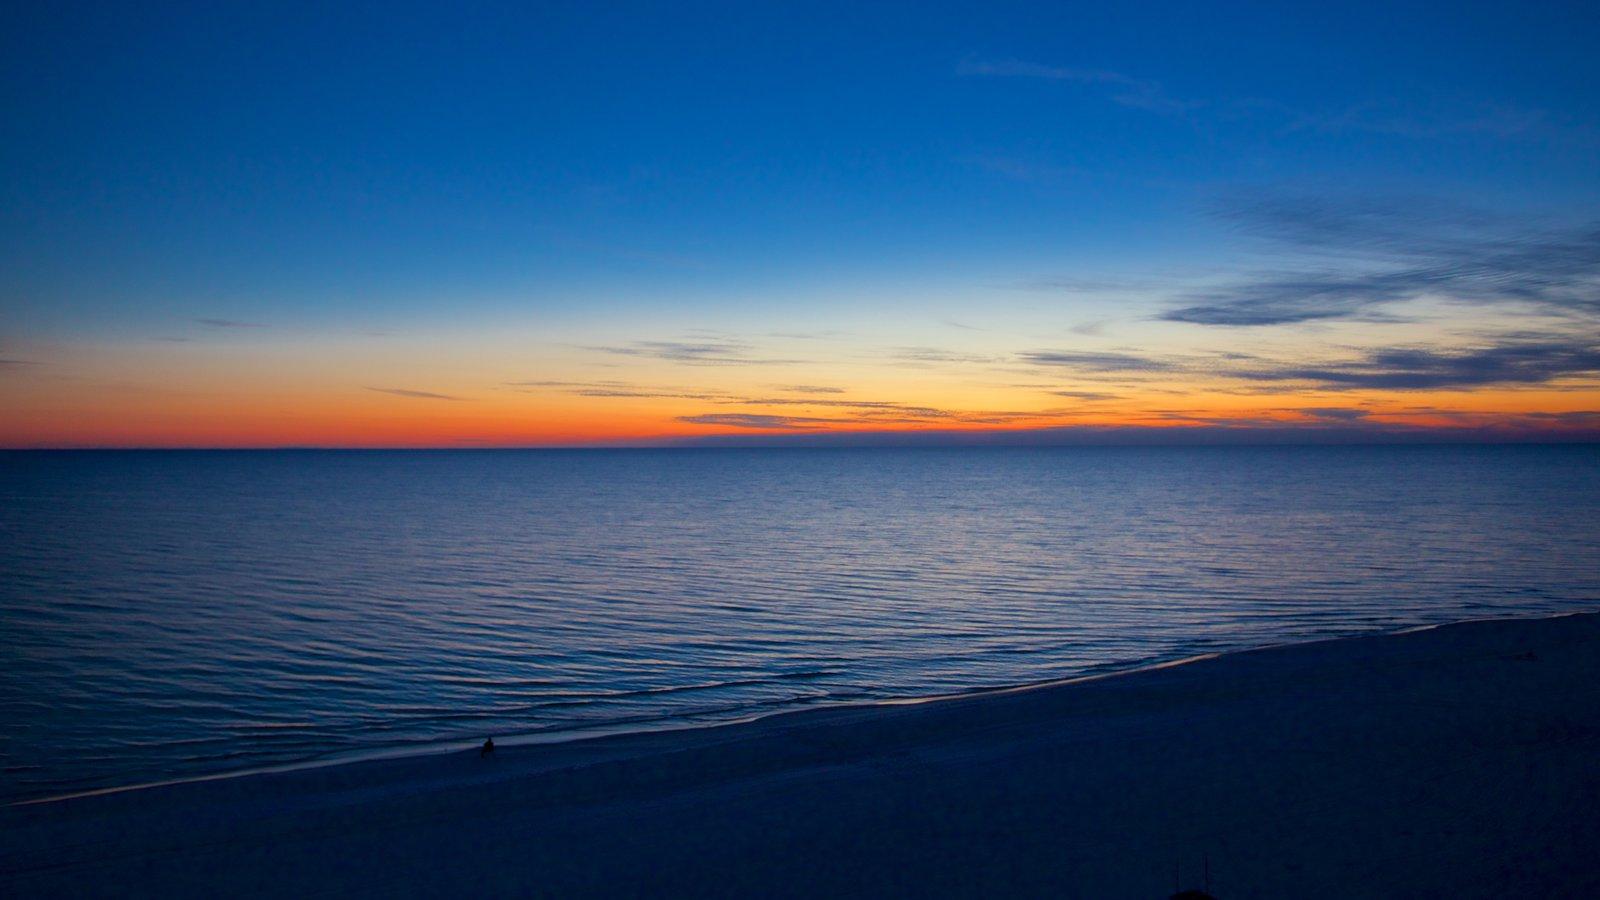 Cidade do Panamá caracterizando uma praia e um pôr do sol